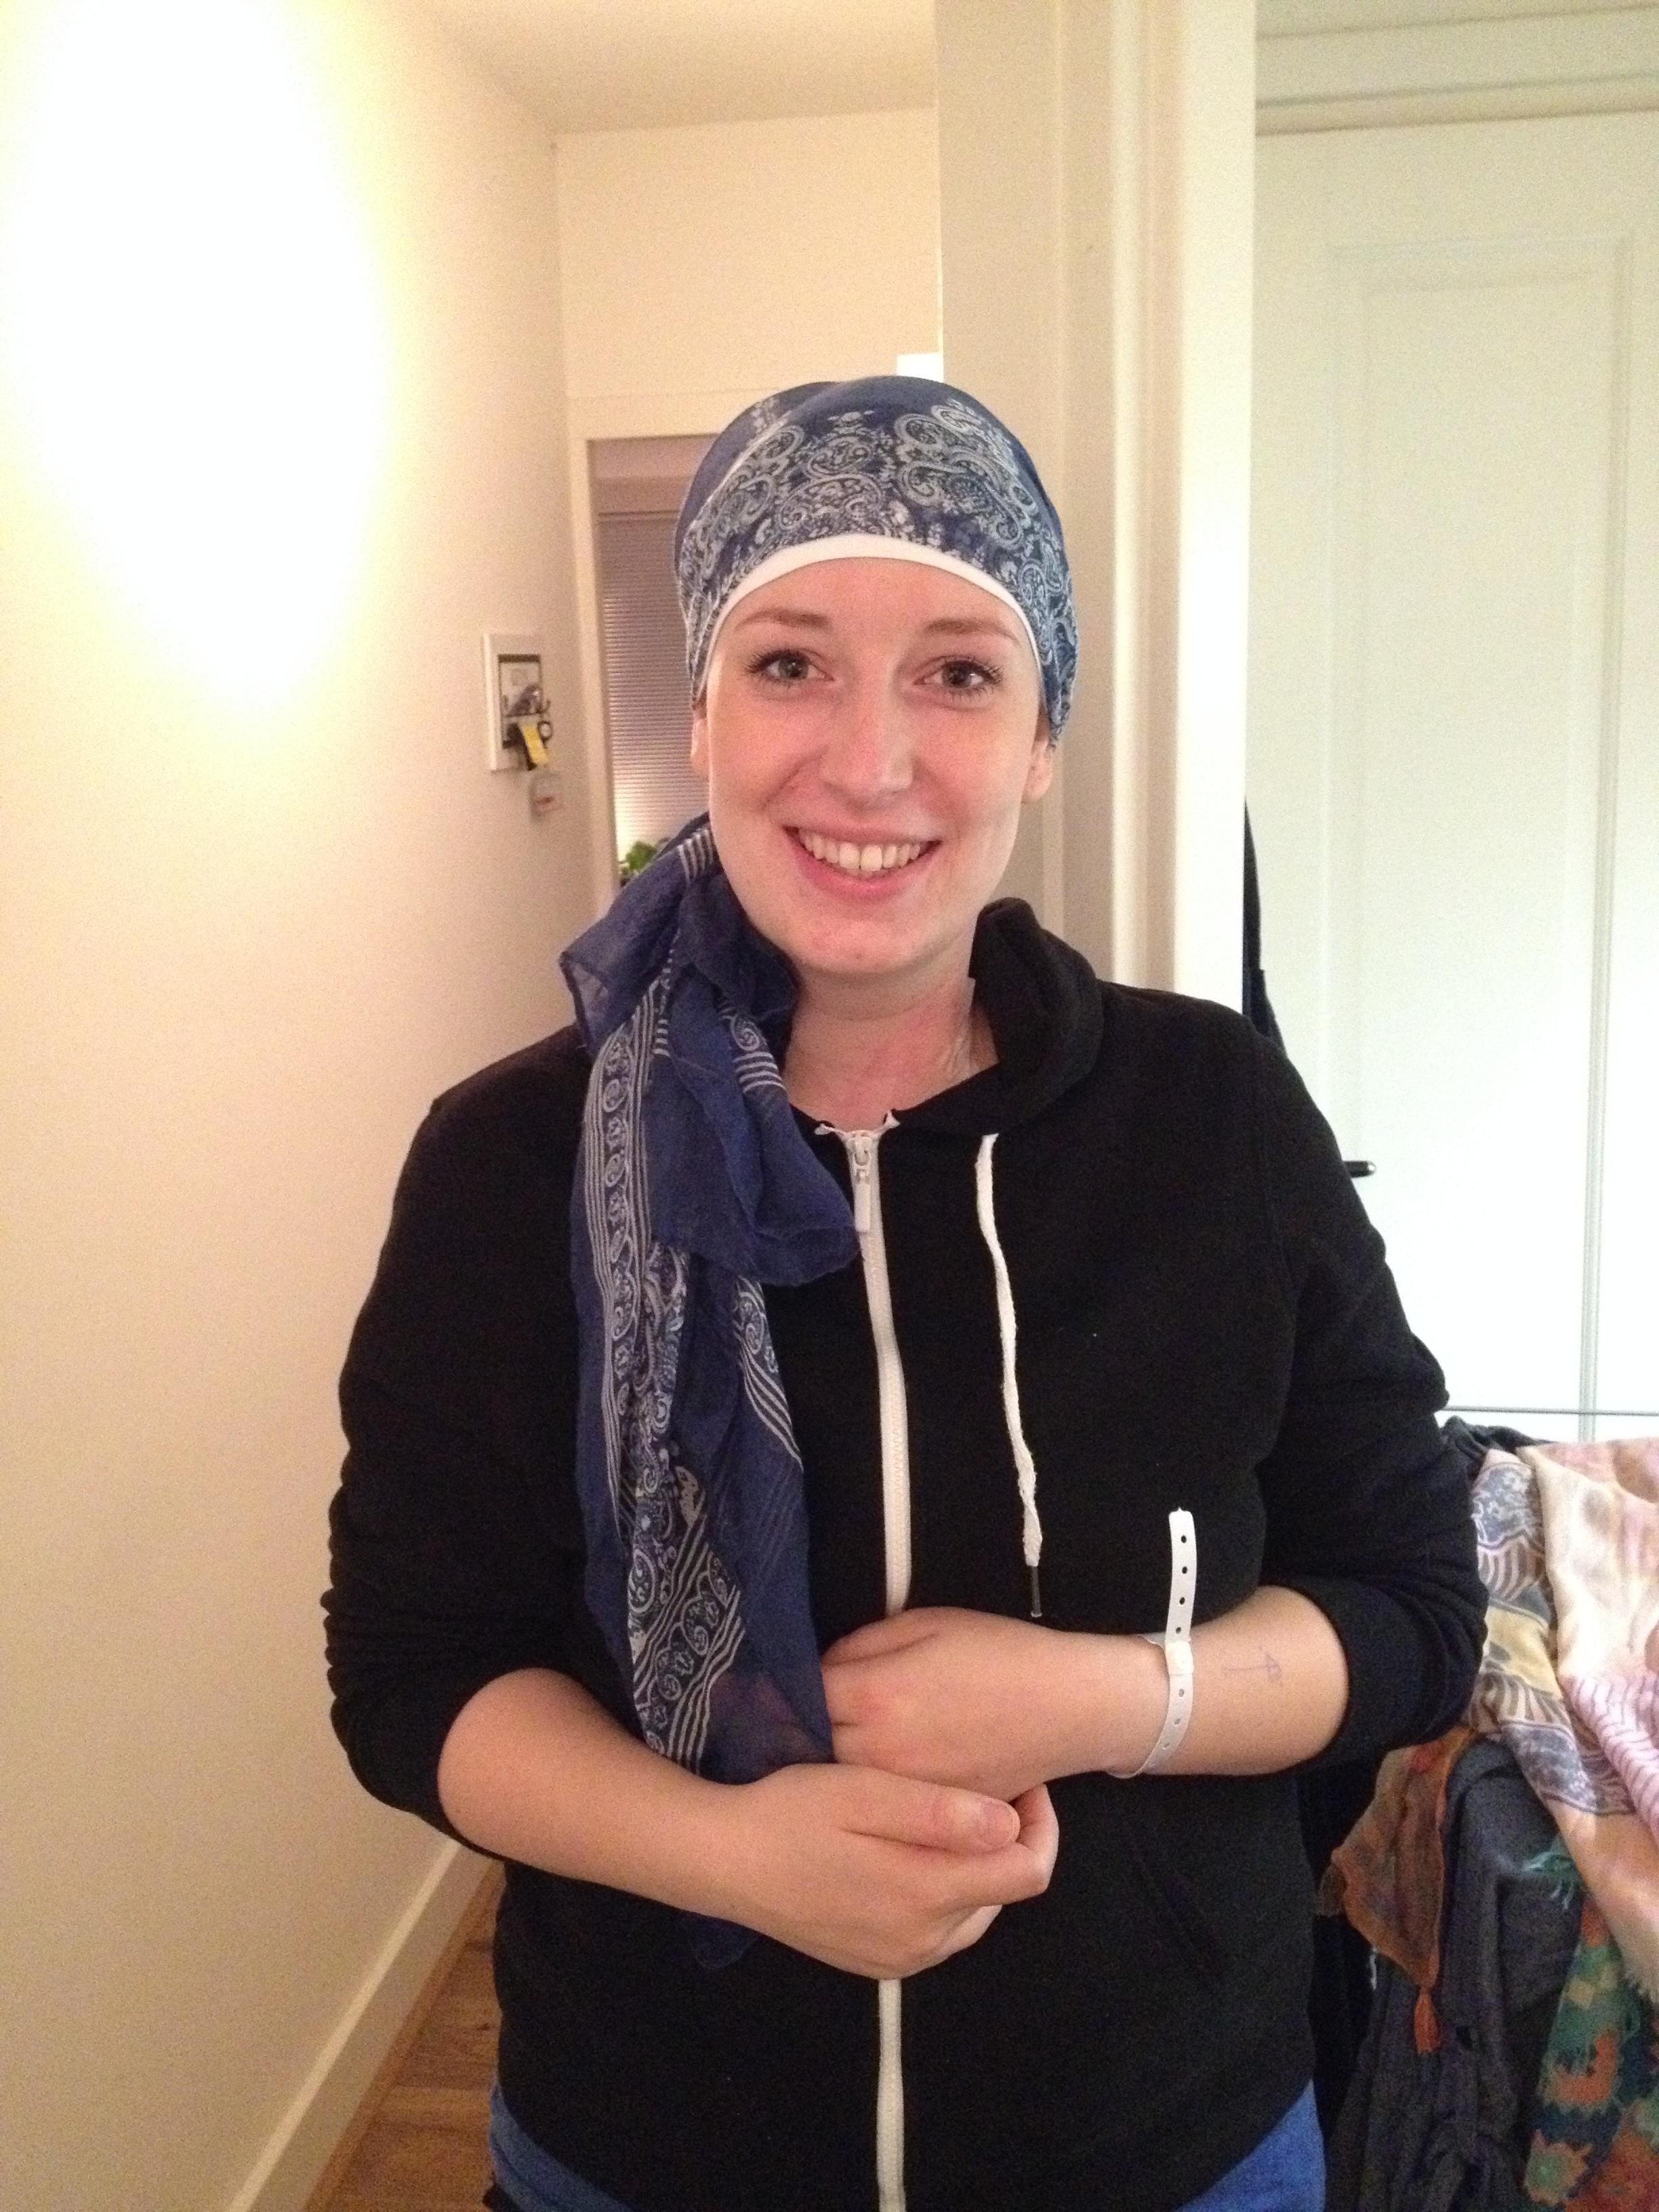 Nog wat witjes van de operatie (je ziet zelfs het rode ontsmettingsmiddel nog in m'n nek zitten) maar blij met hoe ik eruit zie met een hoofddoekje!